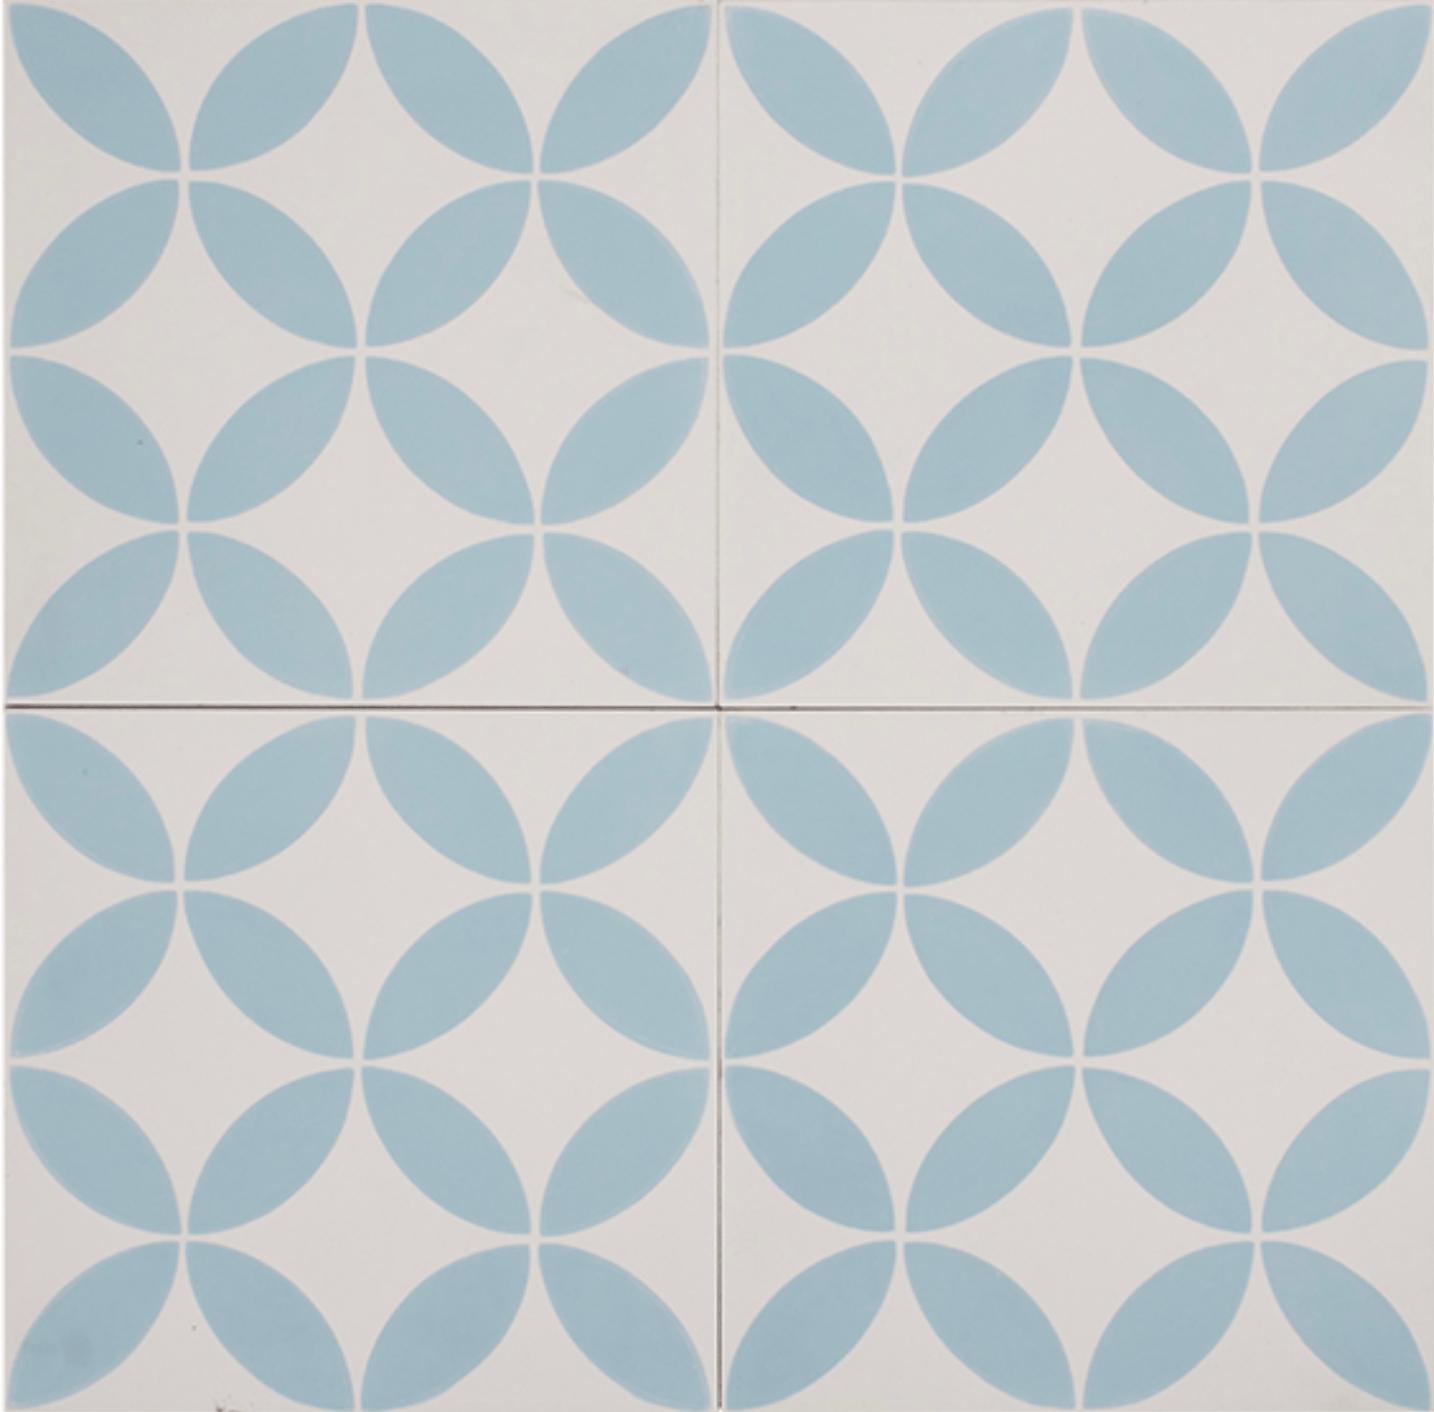 PETAL BLUE ON WHITE ENCAUSTIC CEMENT TILE - Tile Republic